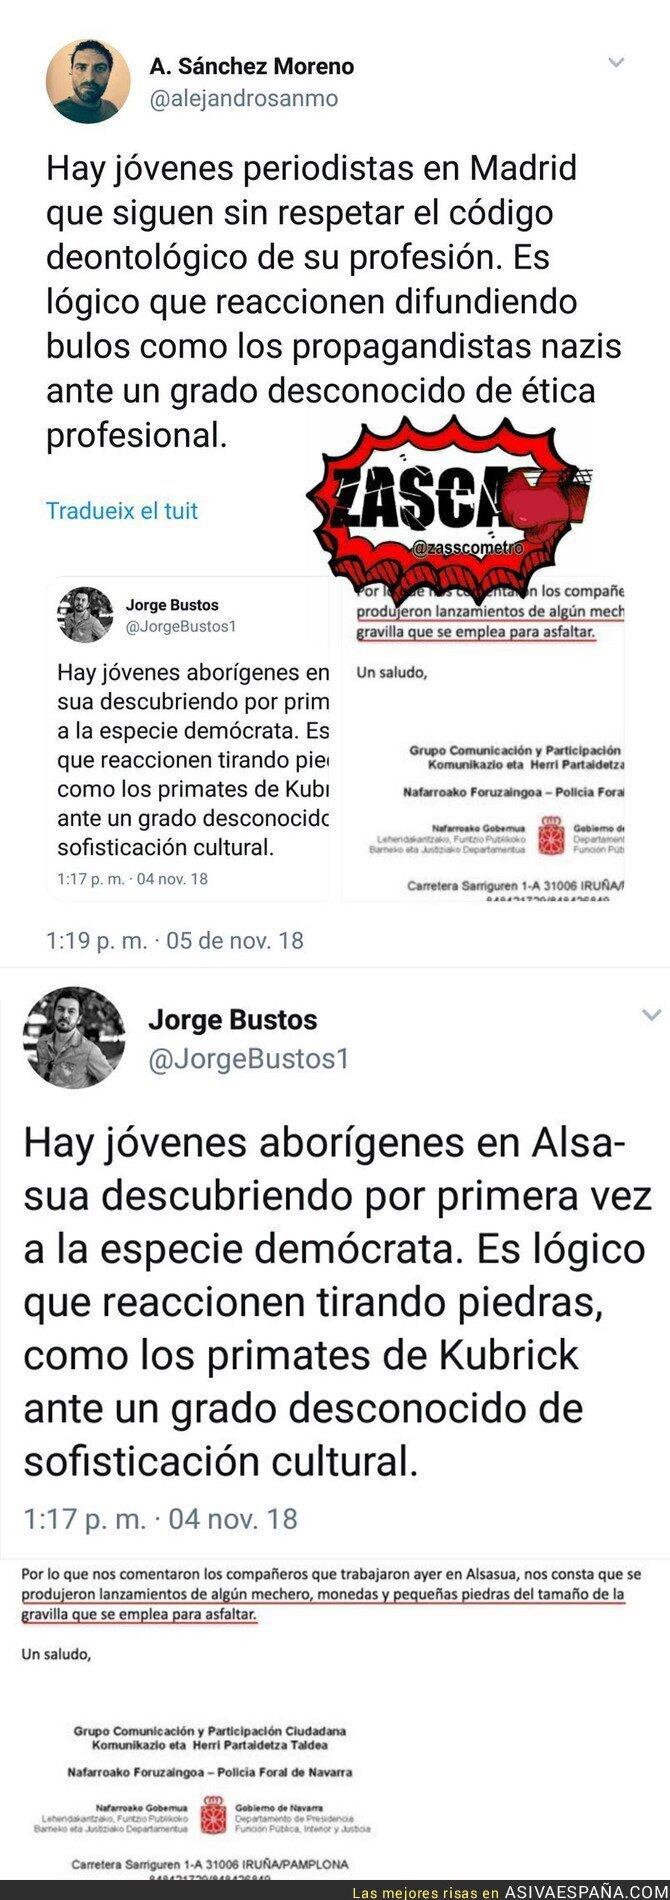 97234 - El periodismo que se hace desde Madrid contra la gente de Alsasua